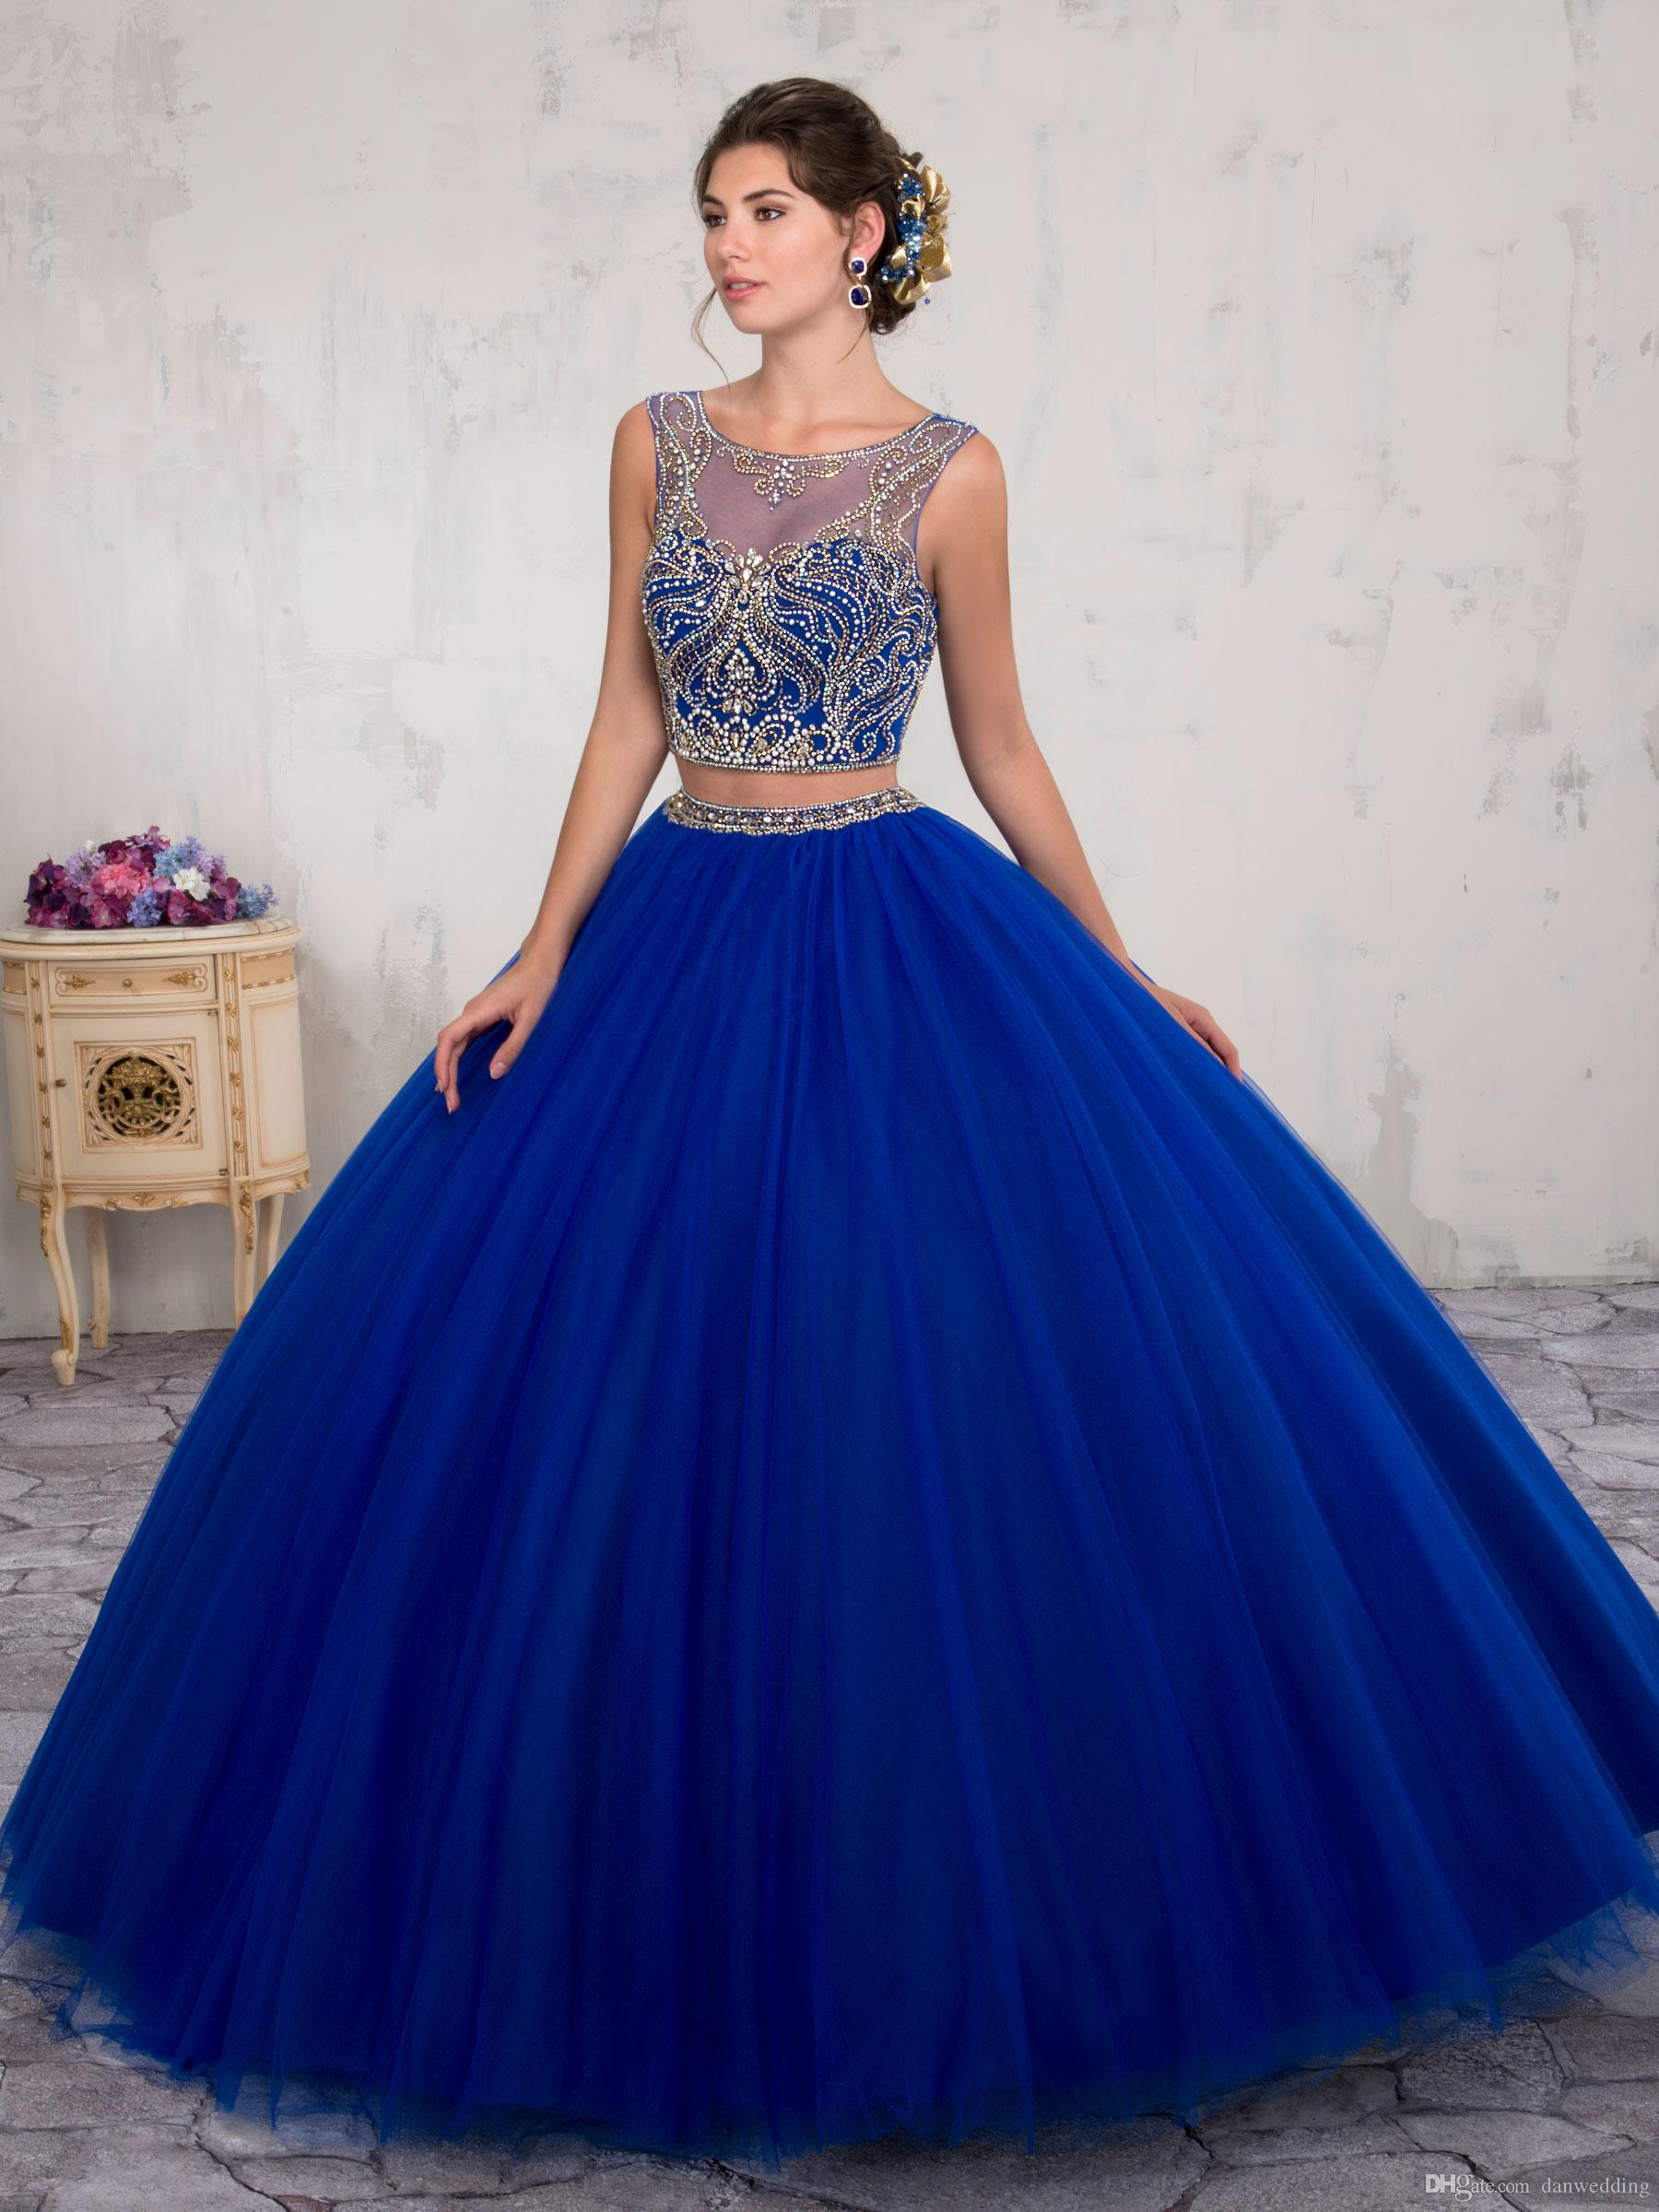 3d8fc2722 Compre Dos Piezas Con Encanto Azul Scoop Beads Vestidos De Quinceañera  Ocasión Especial Vestidos De Fiesta De Baile Vestidos De Baile Tamaño  Personalizado 2 ...